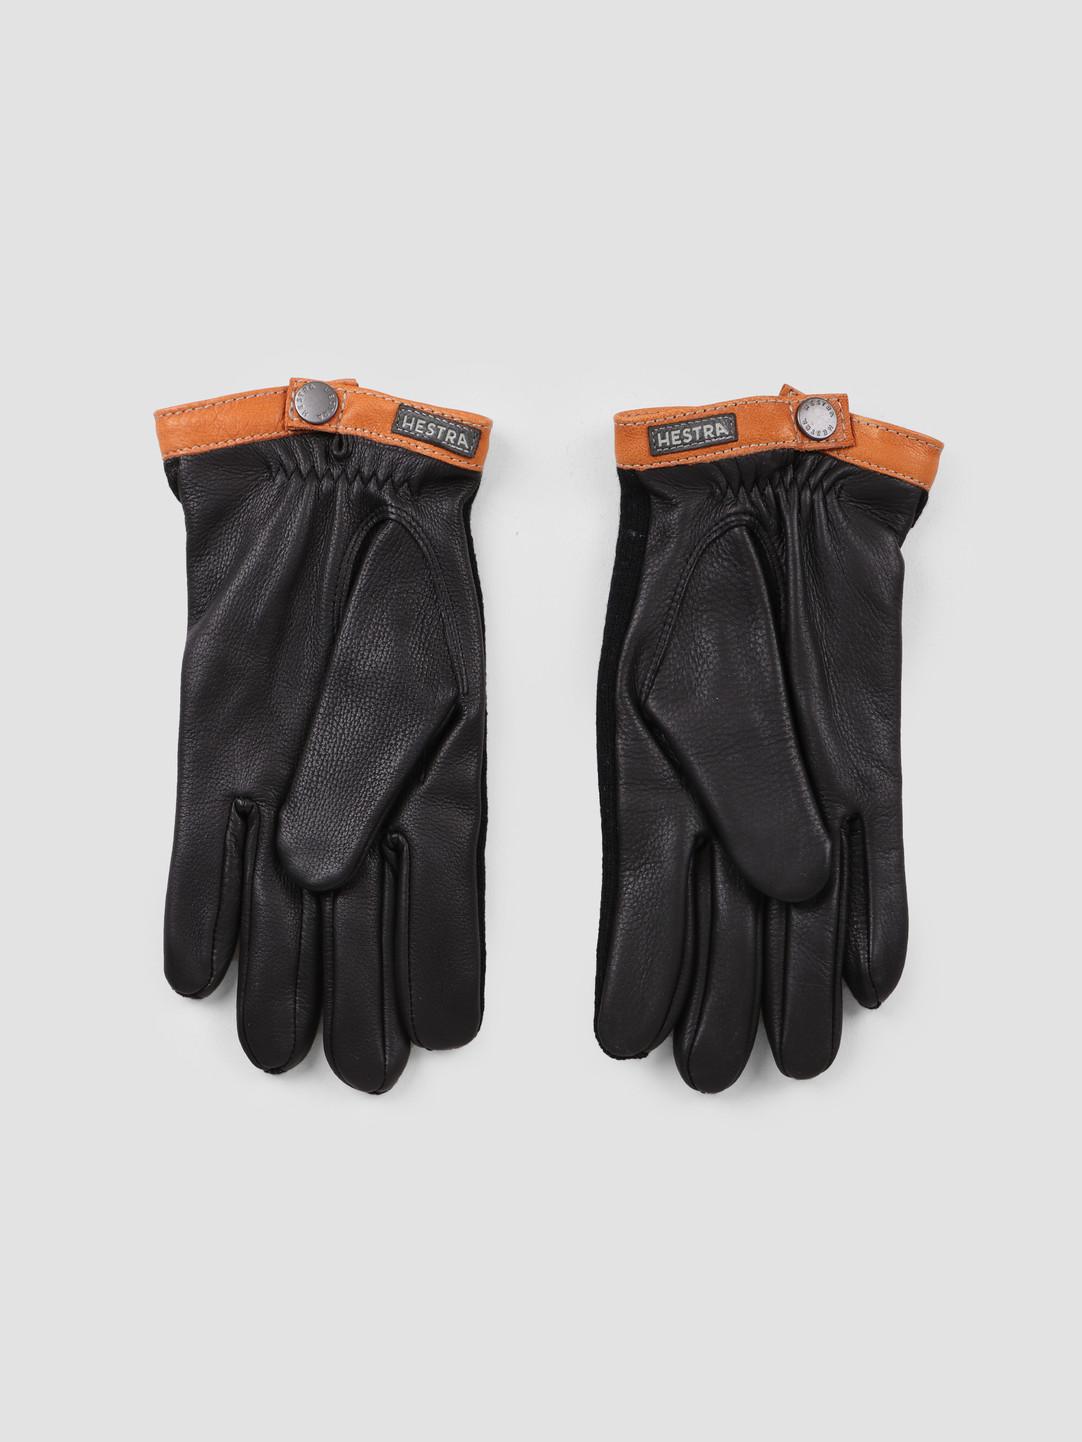 Hestra Hestra Deerskin Wool Tricot Glove Black Black 20450